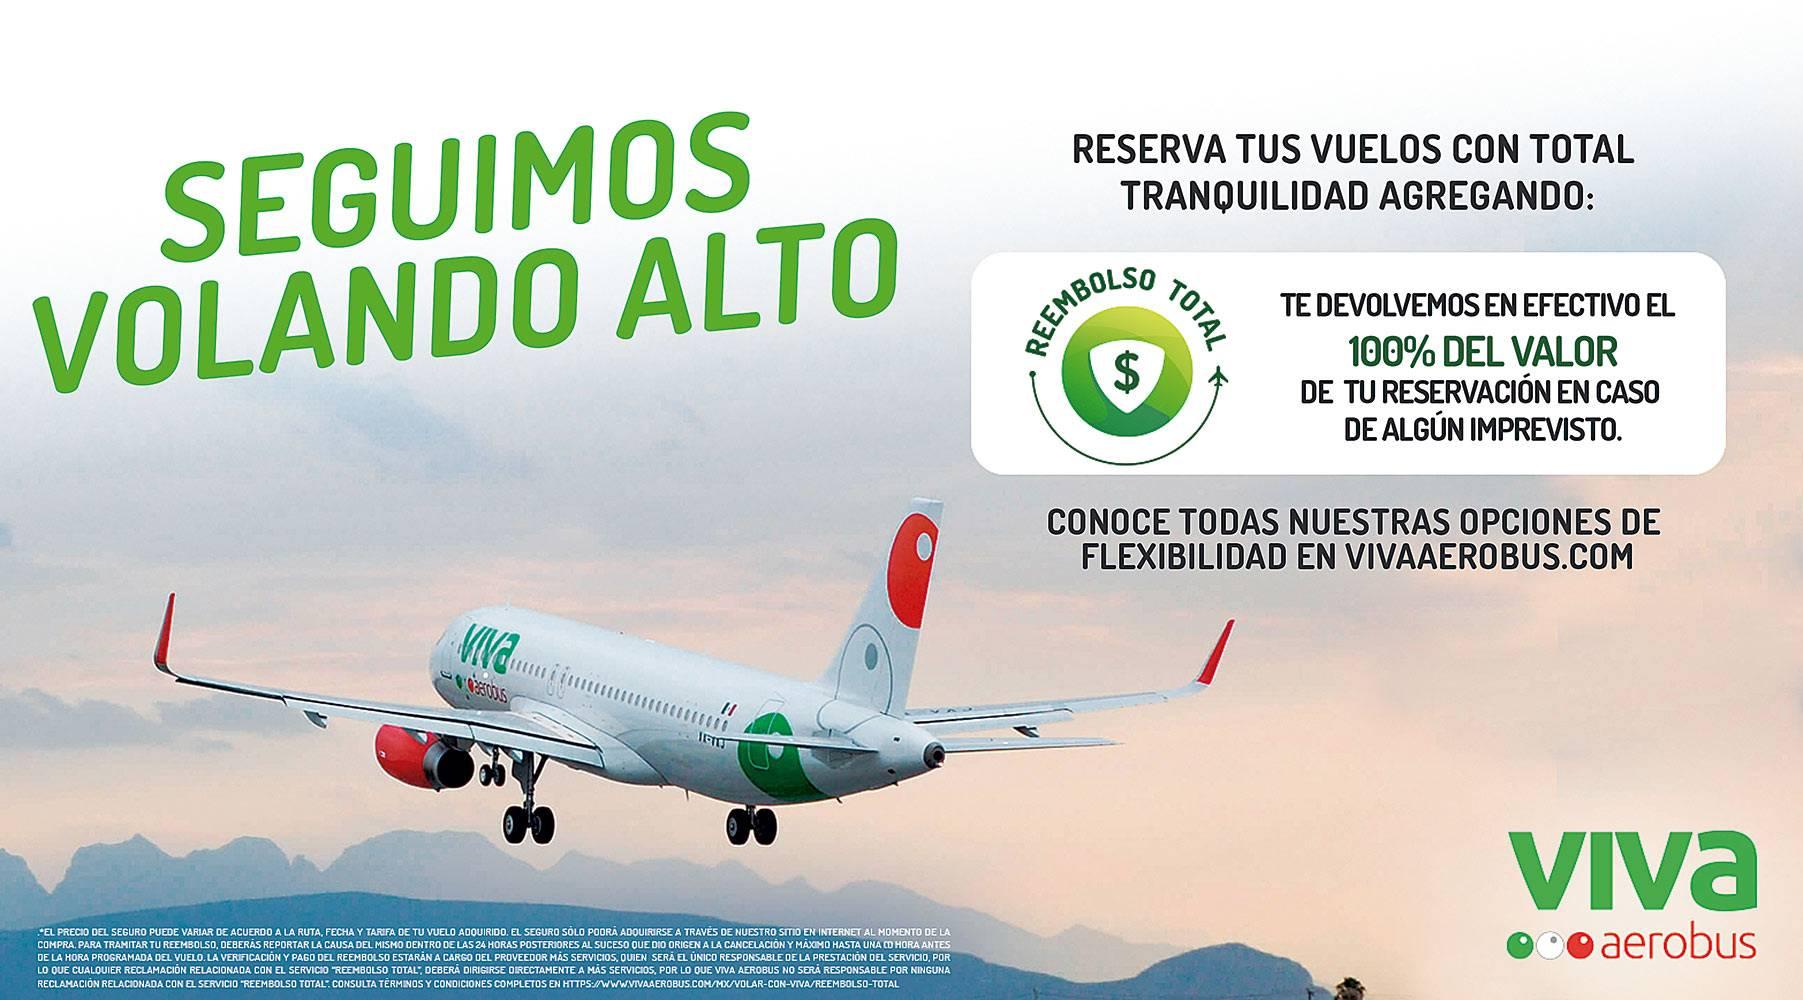 Anuncio Viva Aerobus edición CDMX del 28 de mayo del 2020, Página 11